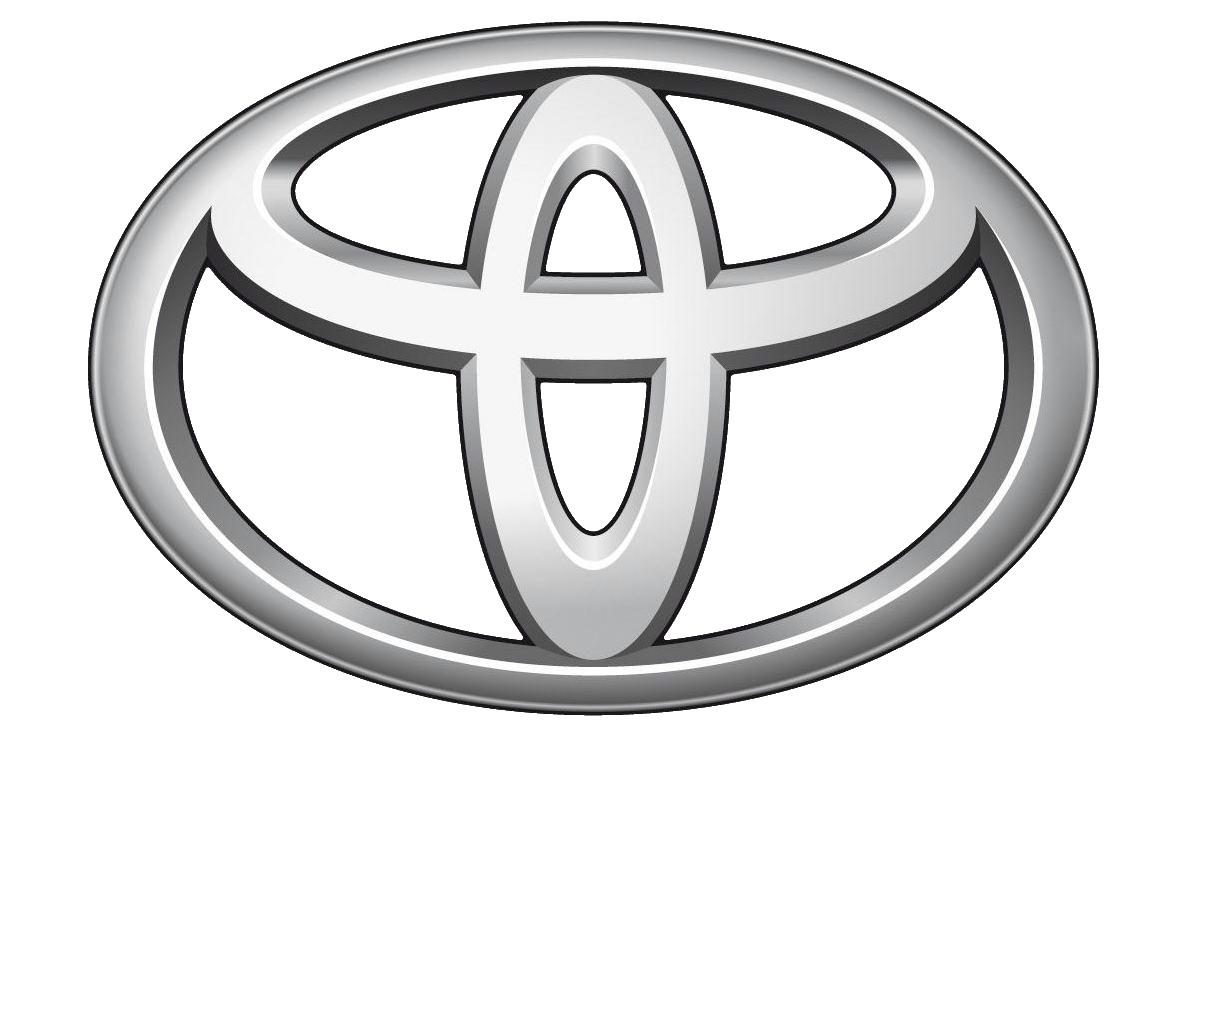 Toyota Car Logo PNG Image